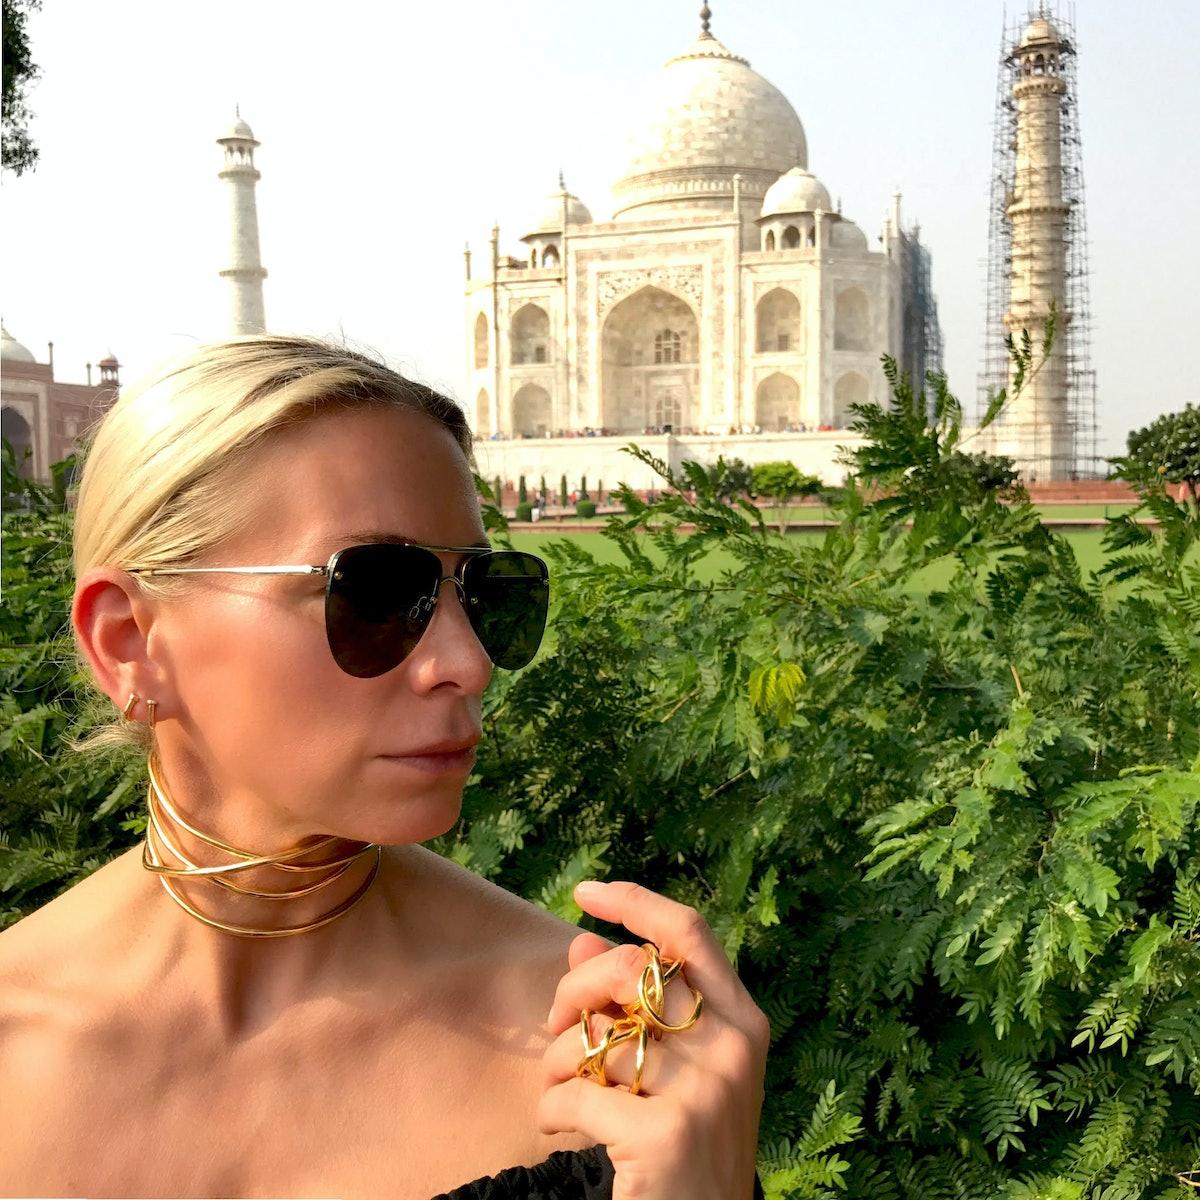 India_Taj_Mahal.jpg